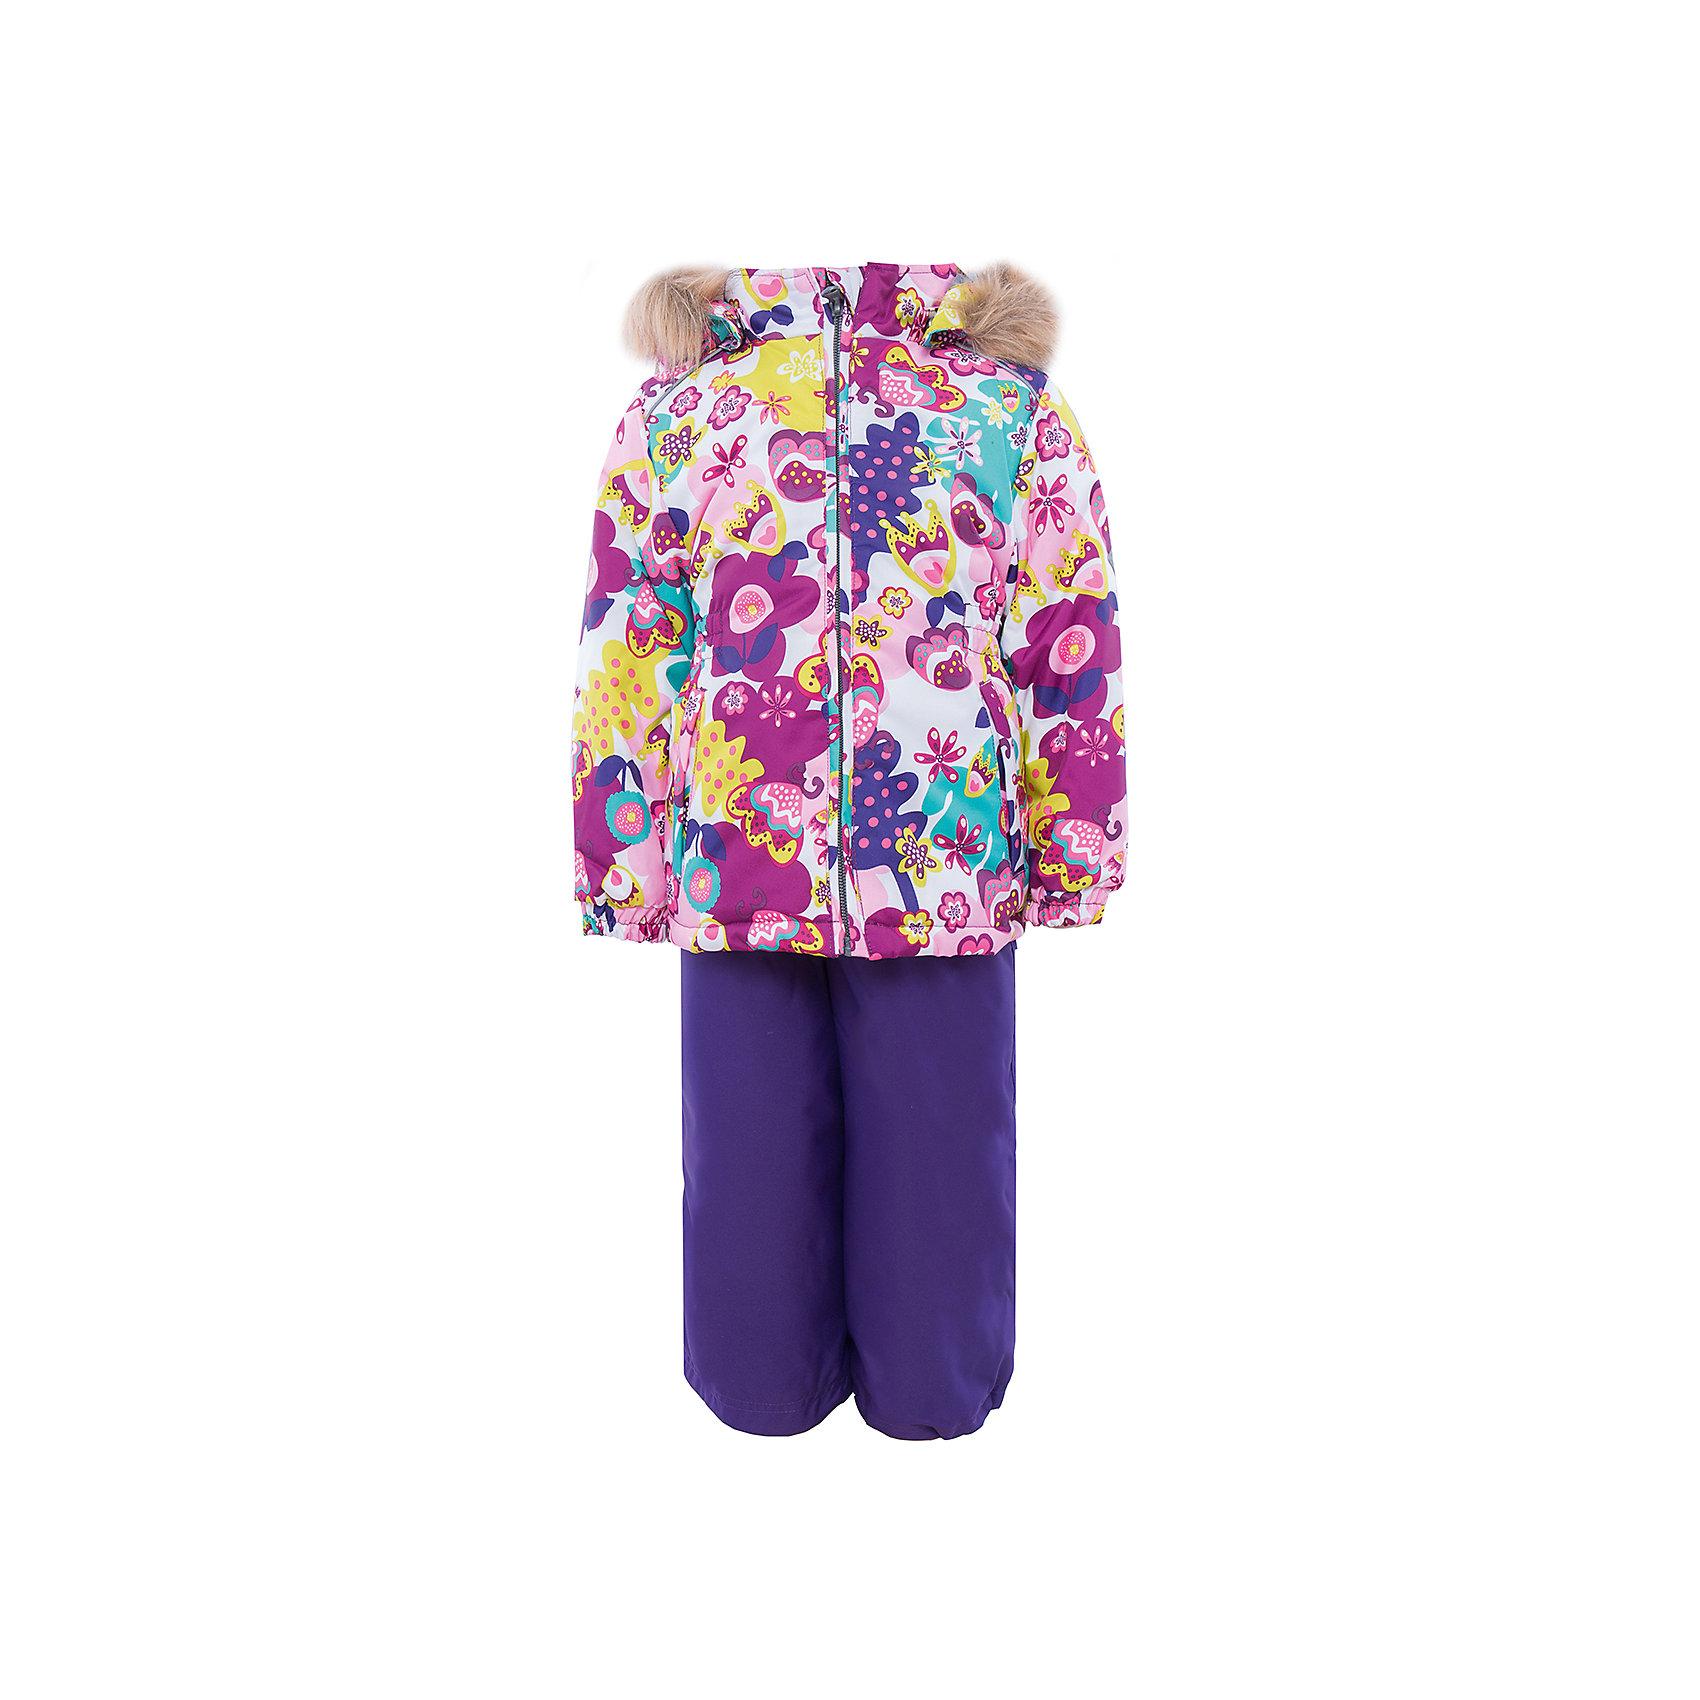 Комплект   для девочки HuppaЗимний комплект WONDER Huppa(Хуппа) состоит из  полукомбинезона и куртки. <br><br>Утеплитель: 100% полиэстер. Куртка – 300 гр., полукомбинезон – 160 гр.<br><br>Температурный режим: до -30 градусов. Степень утепления – высокая. <br><br>* Температурный режим указан приблизительно — необходимо, прежде всего, ориентироваться на ощущения ребенка. Температурный режим работает в случае соблюдения правила многослойности – использования флисовой поддевы и термобелья.<br><br>Яркая зимняя куртка с необычным дизайном изготовлена из качественных и прочных материалов. Резинки на рукавах помогут избежать попадания снега под одежду. Специальная мембрана не даст воде и холодному воздуху проникнуть под одежду и поможет избавиться от лишней влаги, выделяемой телом. Брюки на подтяжках имеют резинки на талии и манжетах. В комплекте Huppa ребенку будет тепло и комфортно!<br><br>Дополнительная информация:<br>Съемный капюшон (мех не отстегивается)<br>Шаговы шов проклеен<br>Материал: 100% полиэстер<br>Подкладка: тафта - 100% полиэстер, флис - 100% полиэстер<br>Цвет: лиловый<br><br>Комплект WONDER Huppa(Хуппа) можно приобрести в нашем интернет-магазине.<br><br>Ширина мм: 356<br>Глубина мм: 10<br>Высота мм: 245<br>Вес г: 519<br>Цвет: белый<br>Возраст от месяцев: 48<br>Возраст до месяцев: 60<br>Пол: Женский<br>Возраст: Детский<br>Размер: 110,116,98,92,104,140,134,128,122<br>SKU: 4928852